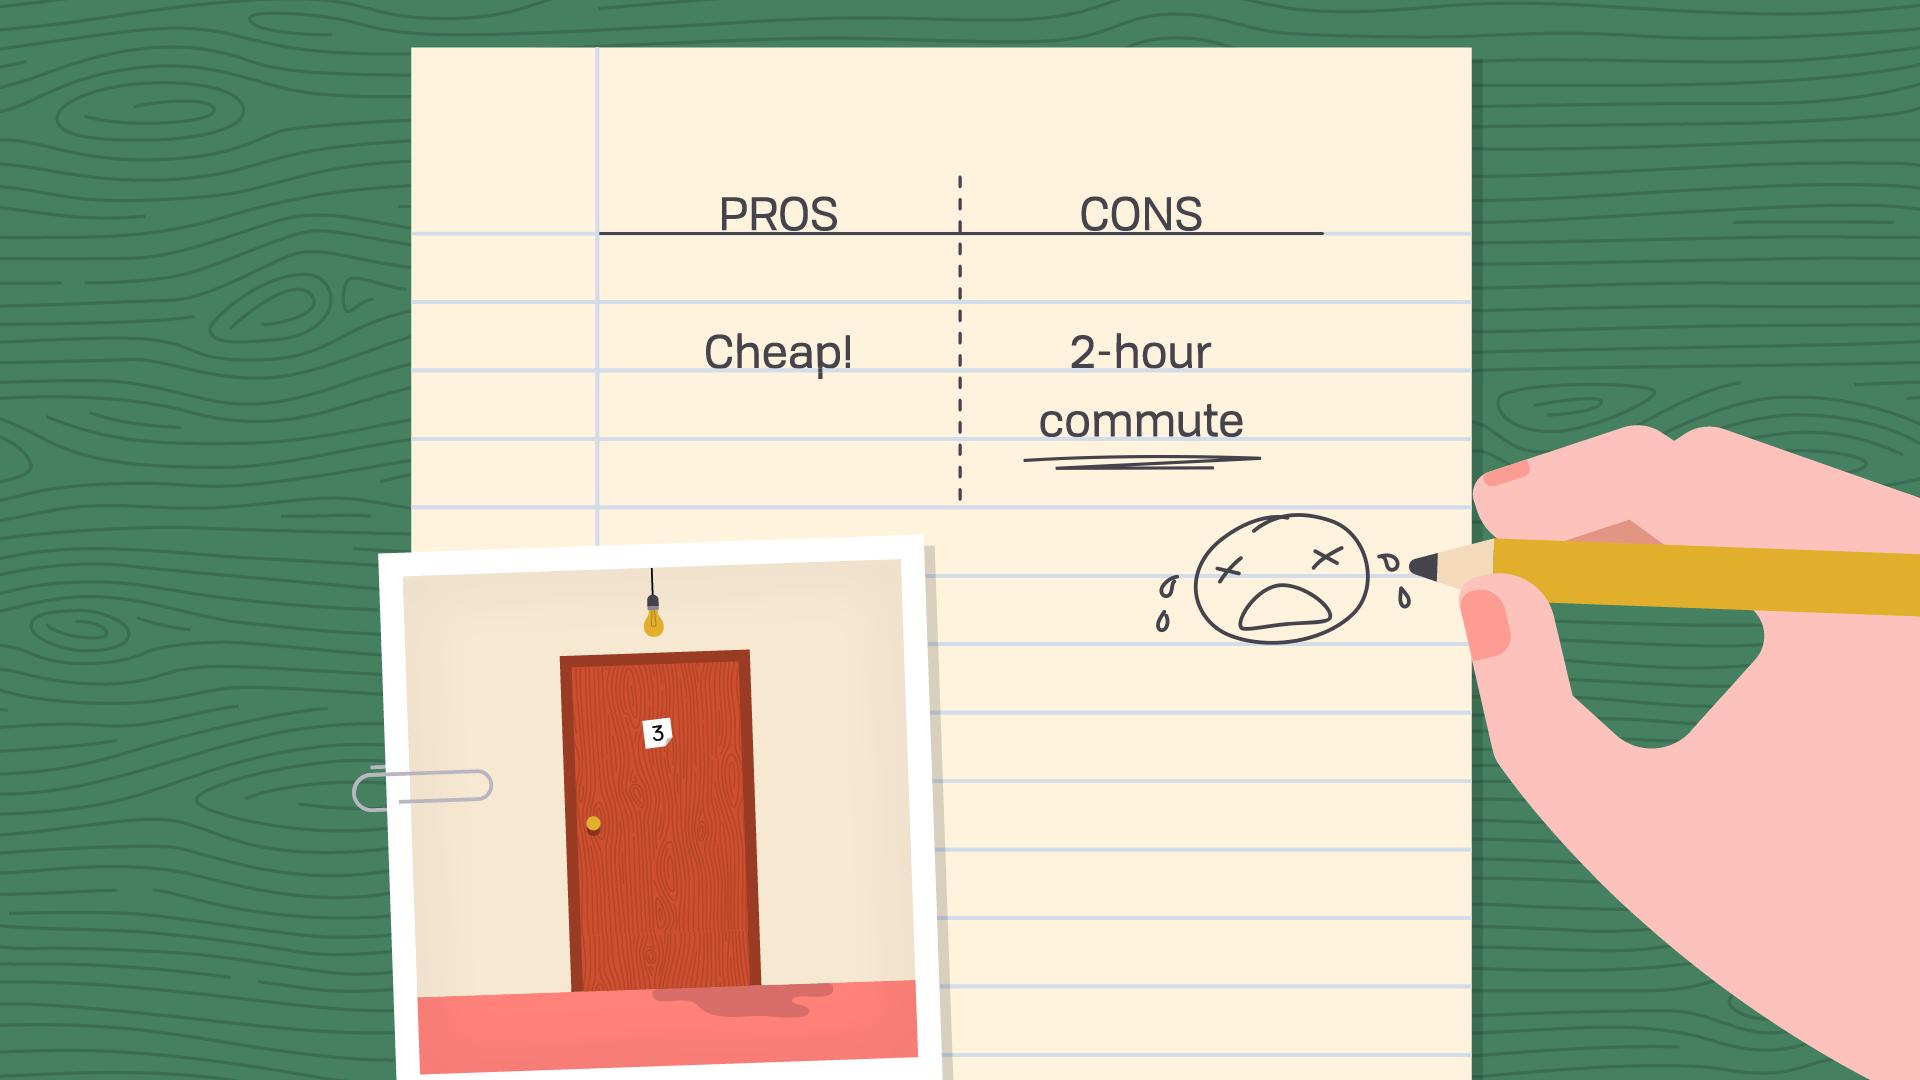 apartment 1 - pro: cheap / con: 2-hour commute